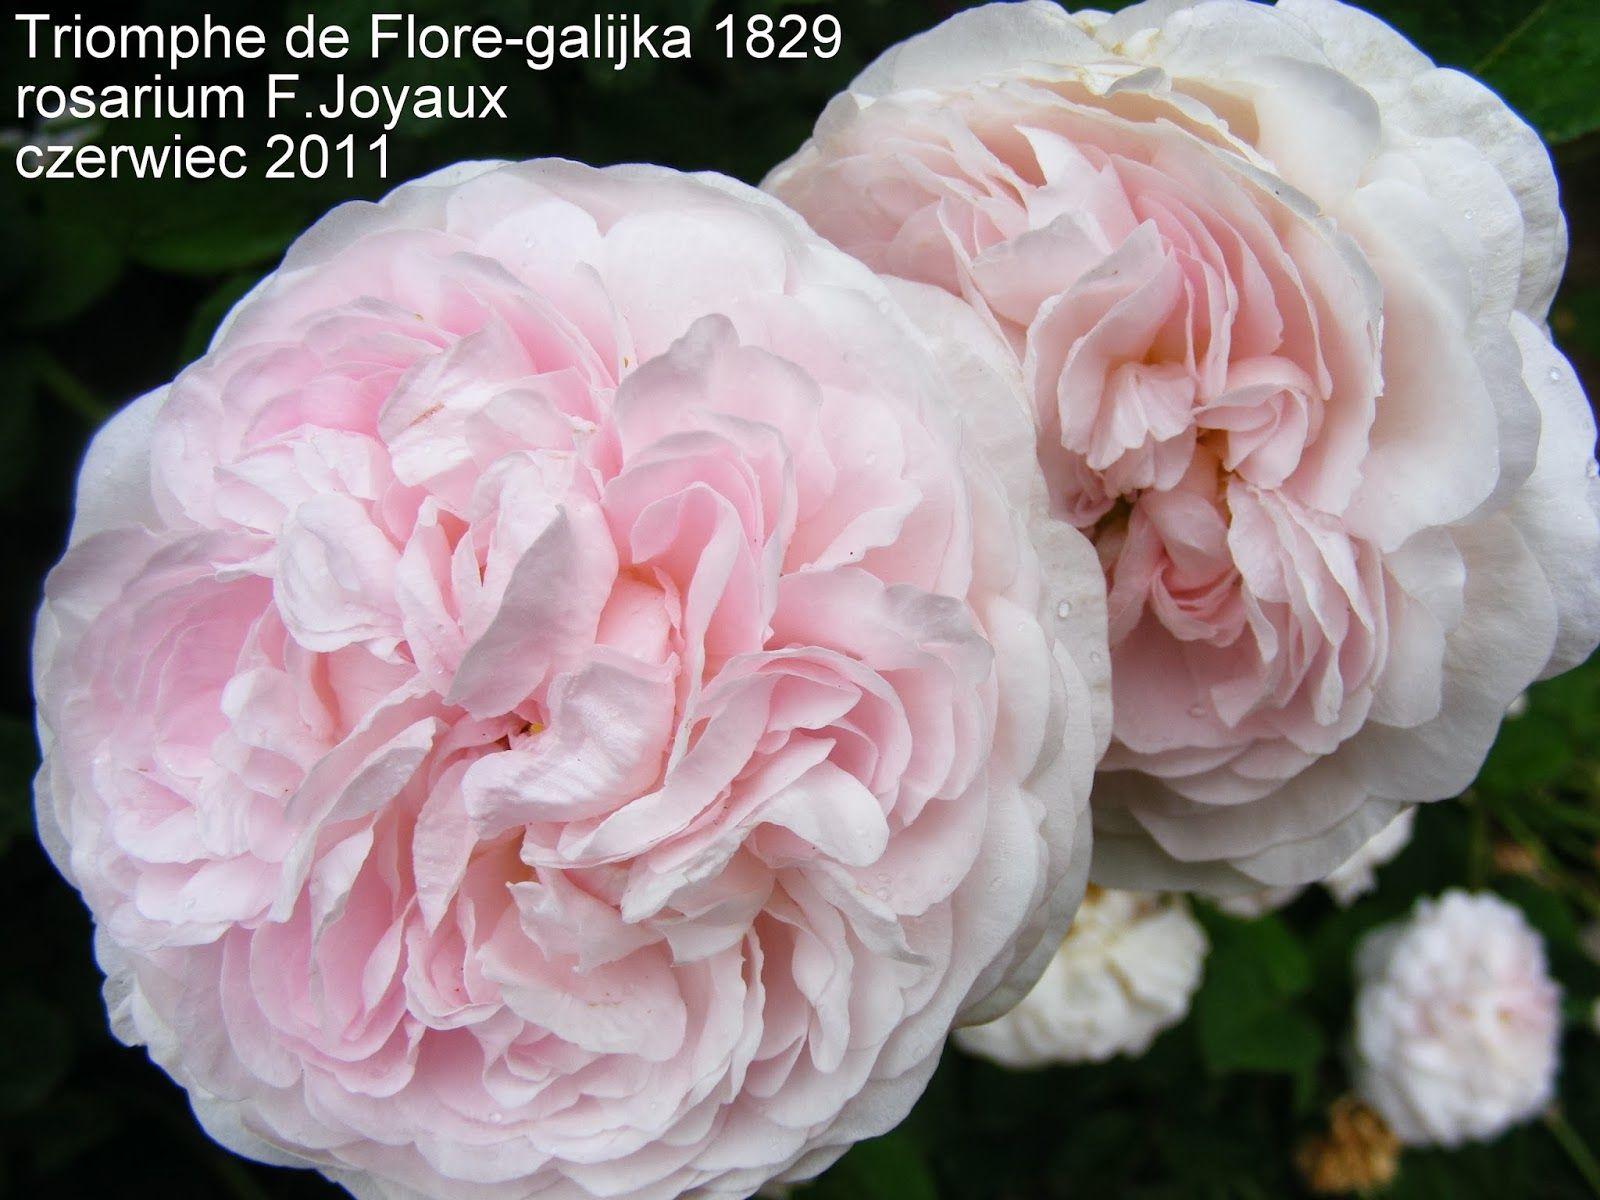 Triomphe de Flore